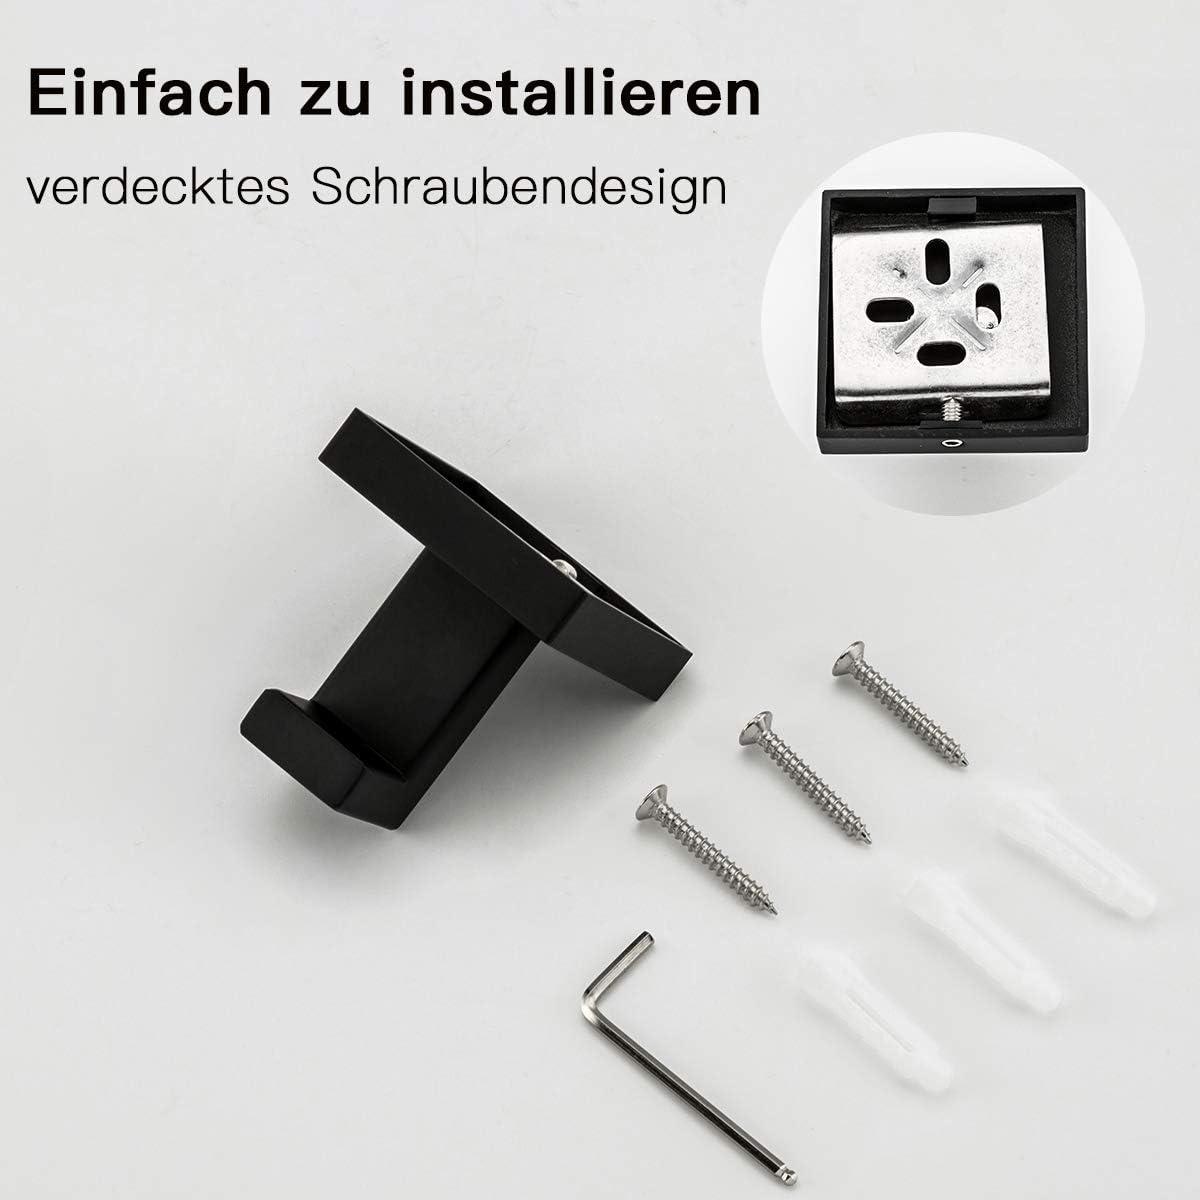 Schwarz Kleiderhaken GAPPO Wandhaken Handtuchhaken 304 Edelstahl Rostfrei Gebohrt Bad und K/üche Handtuchhalter